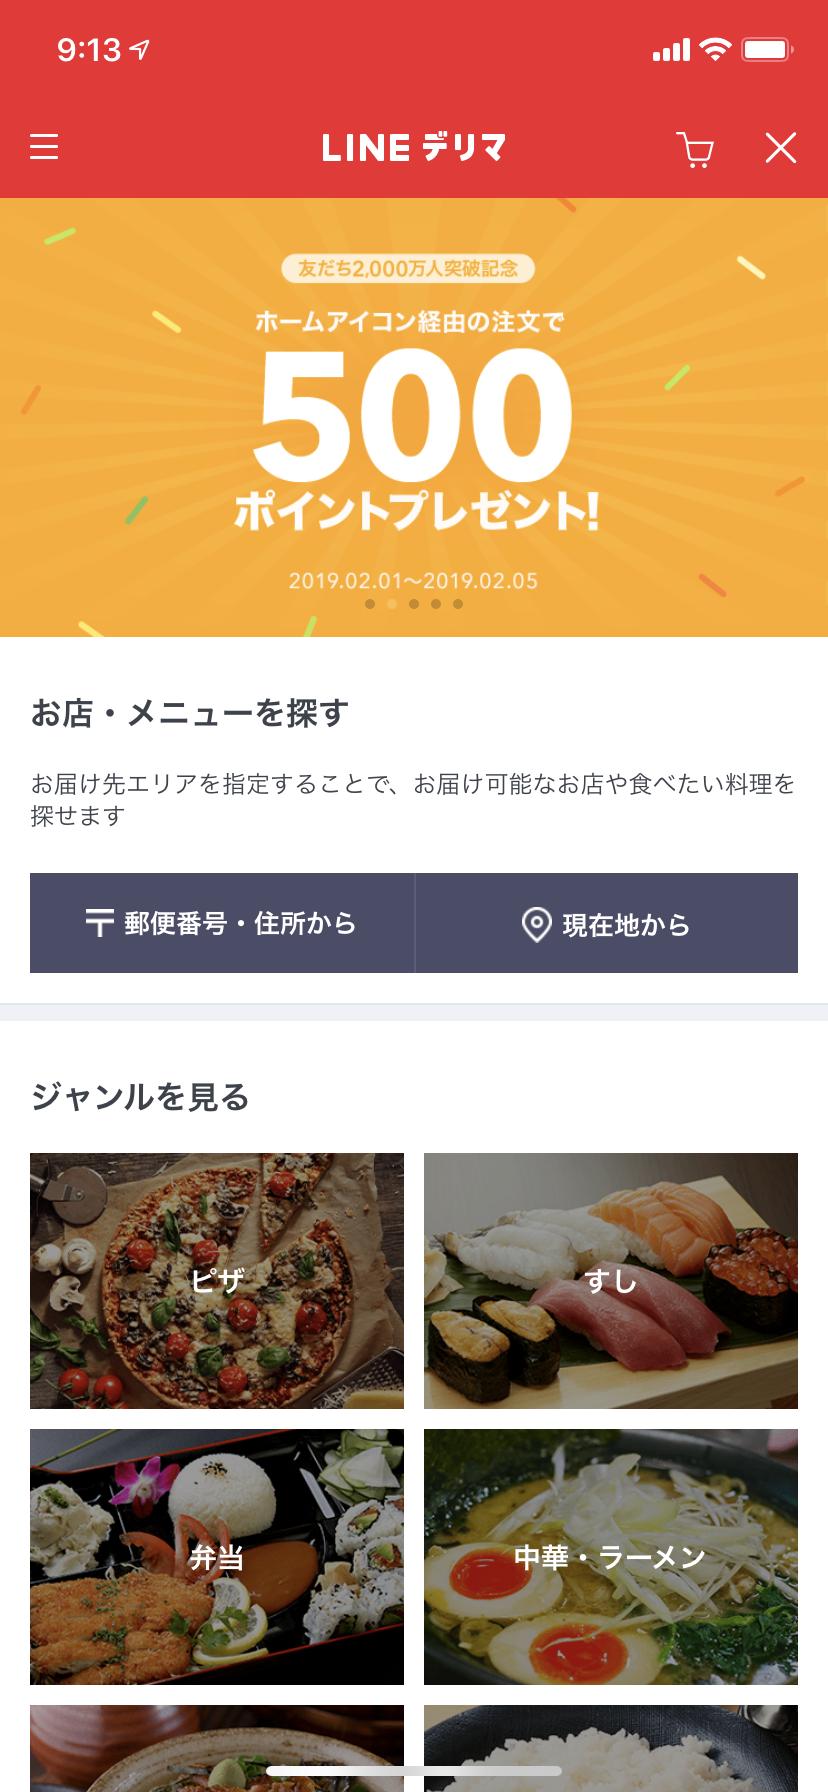 【ハナタカ情報】 LINEアプリの中のLINEデリマで注文すると、2月5日まで1,500円オフになるらしい。 石垣ではピザーラが該当。